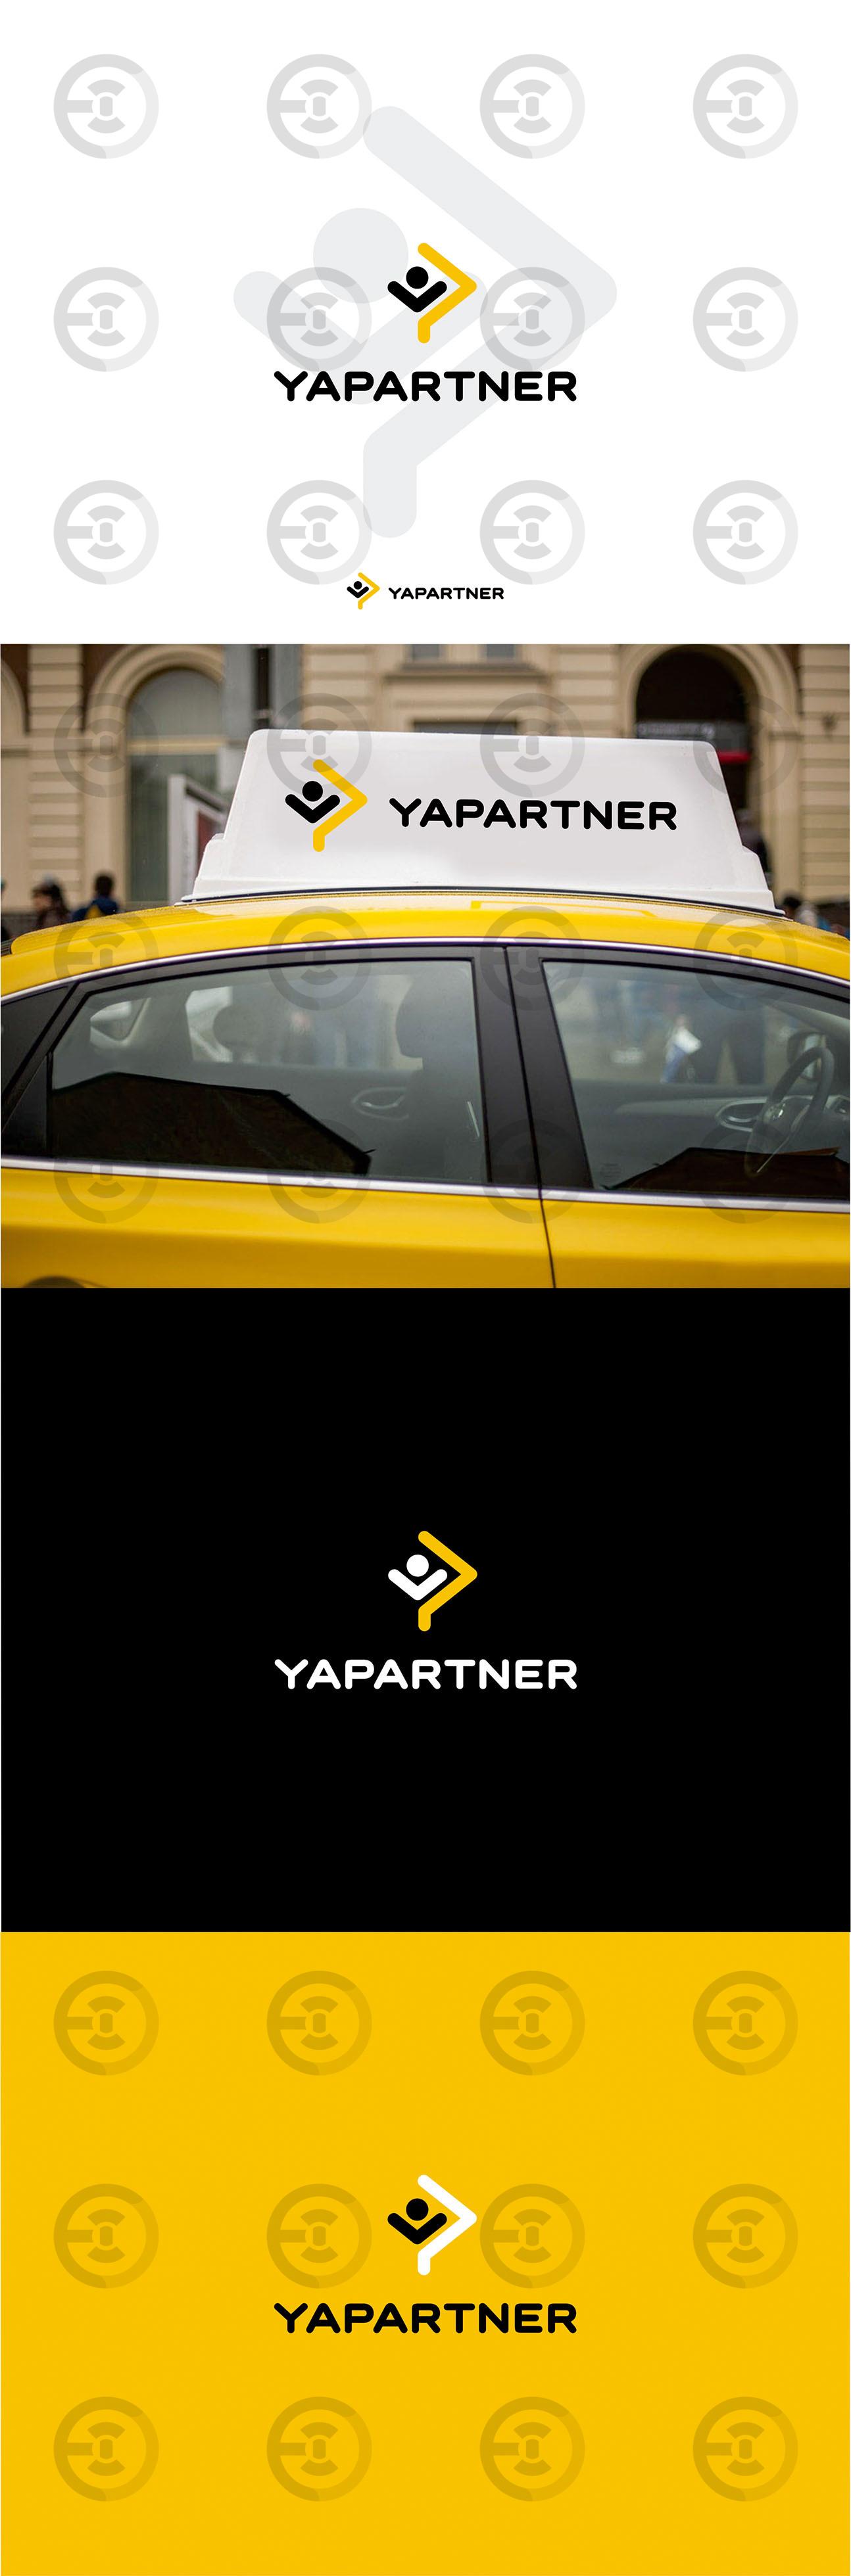 Yapartner1.jpg